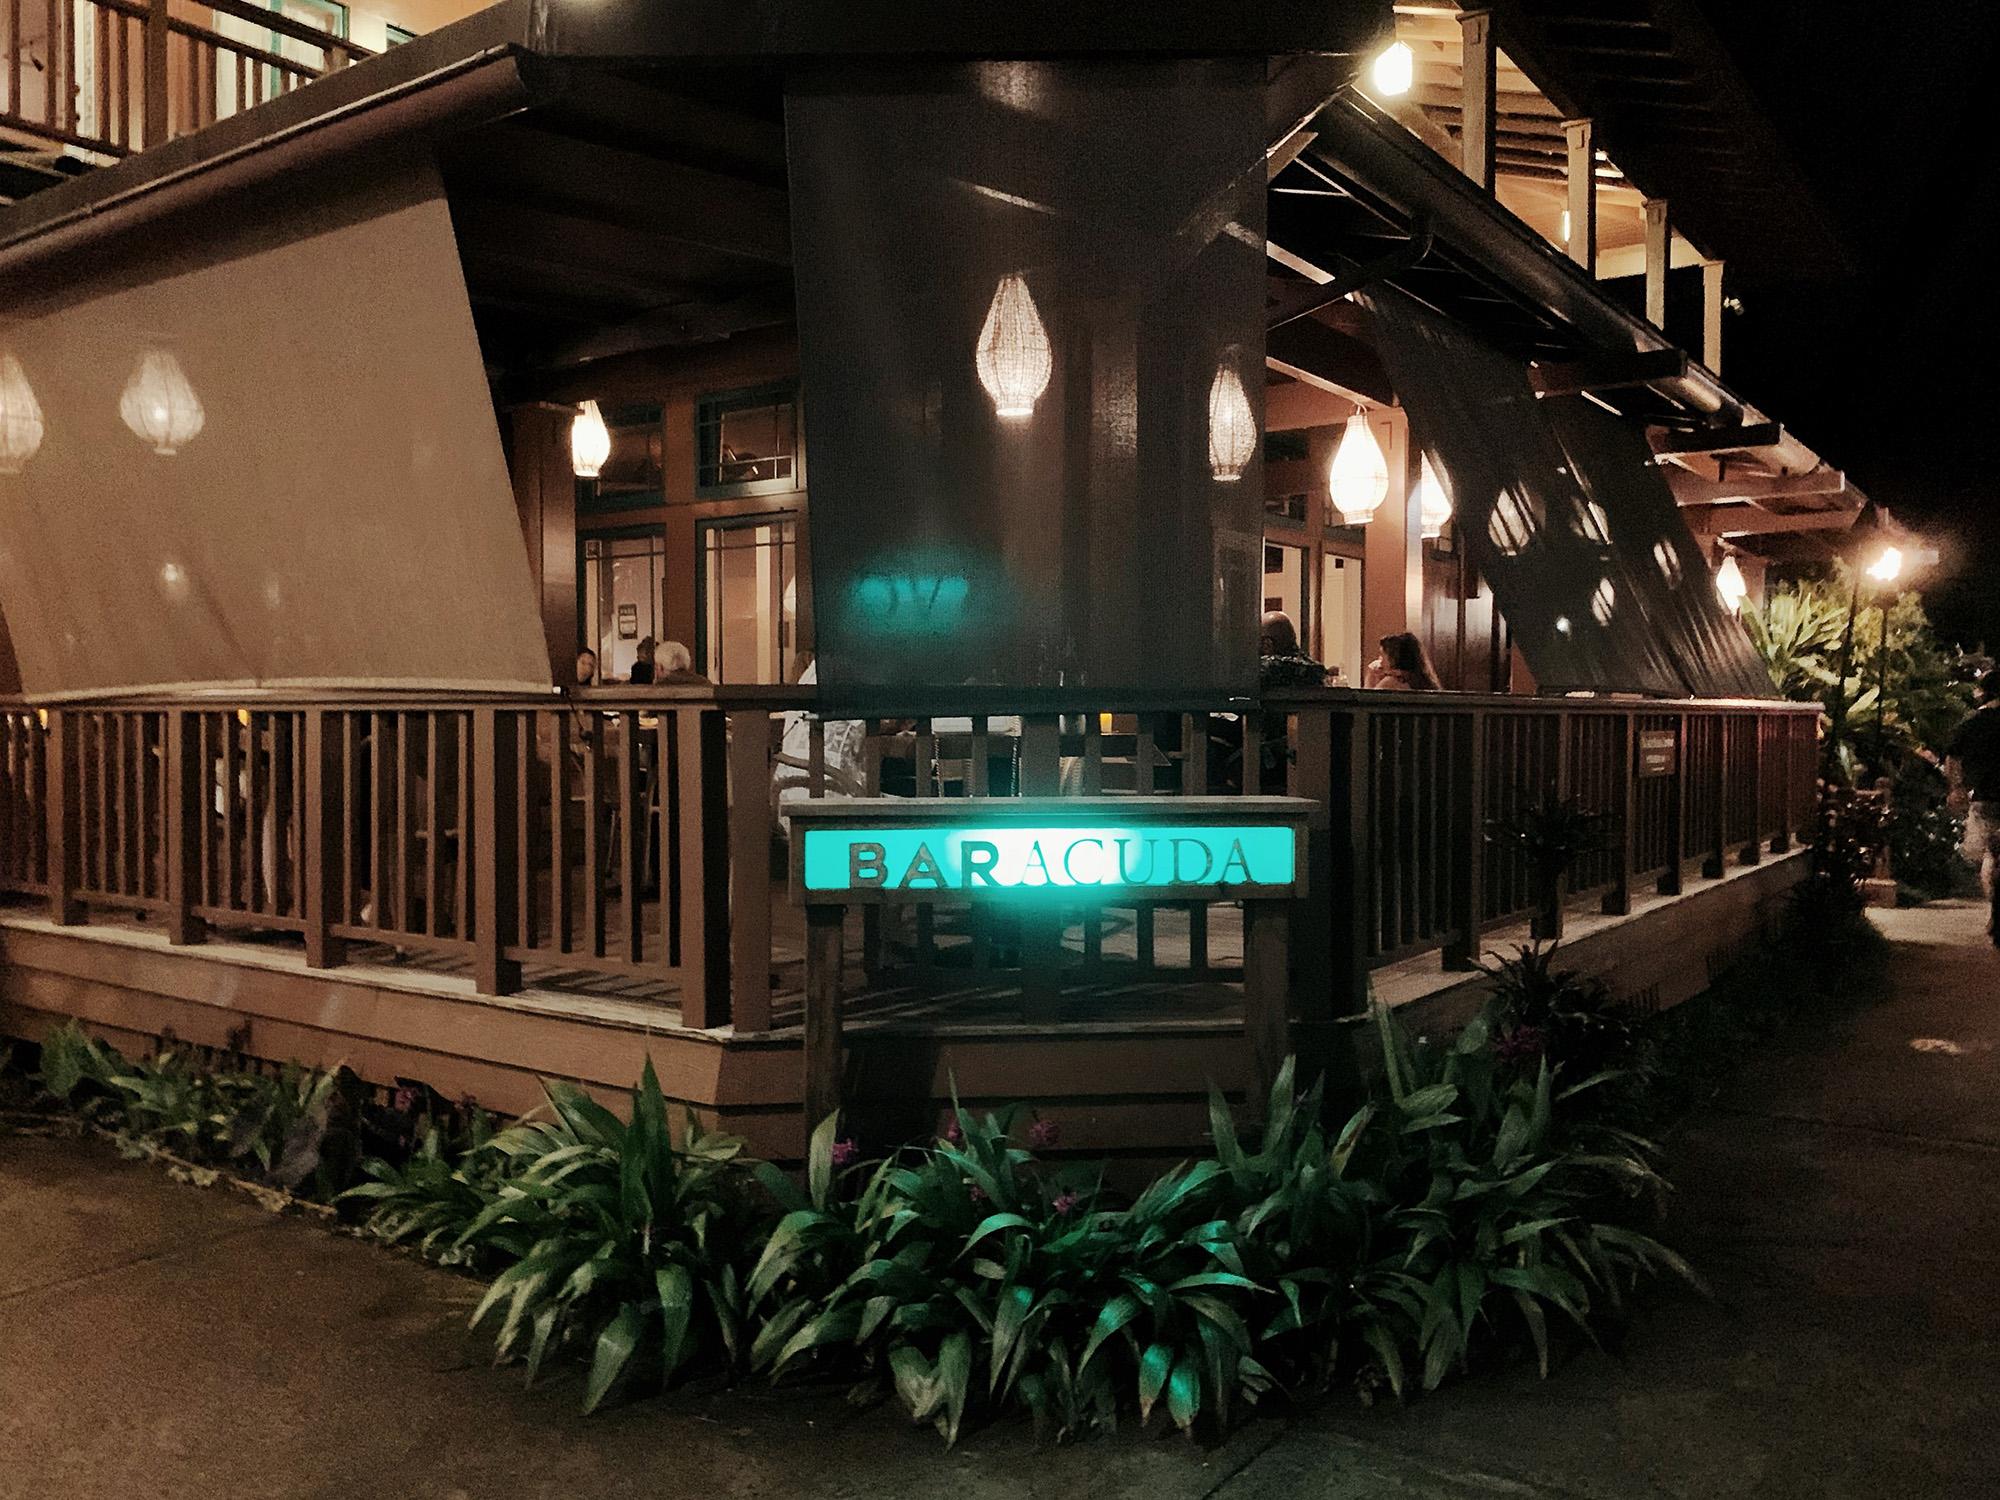 Hawaii Itinerary Eat Bar Acuda